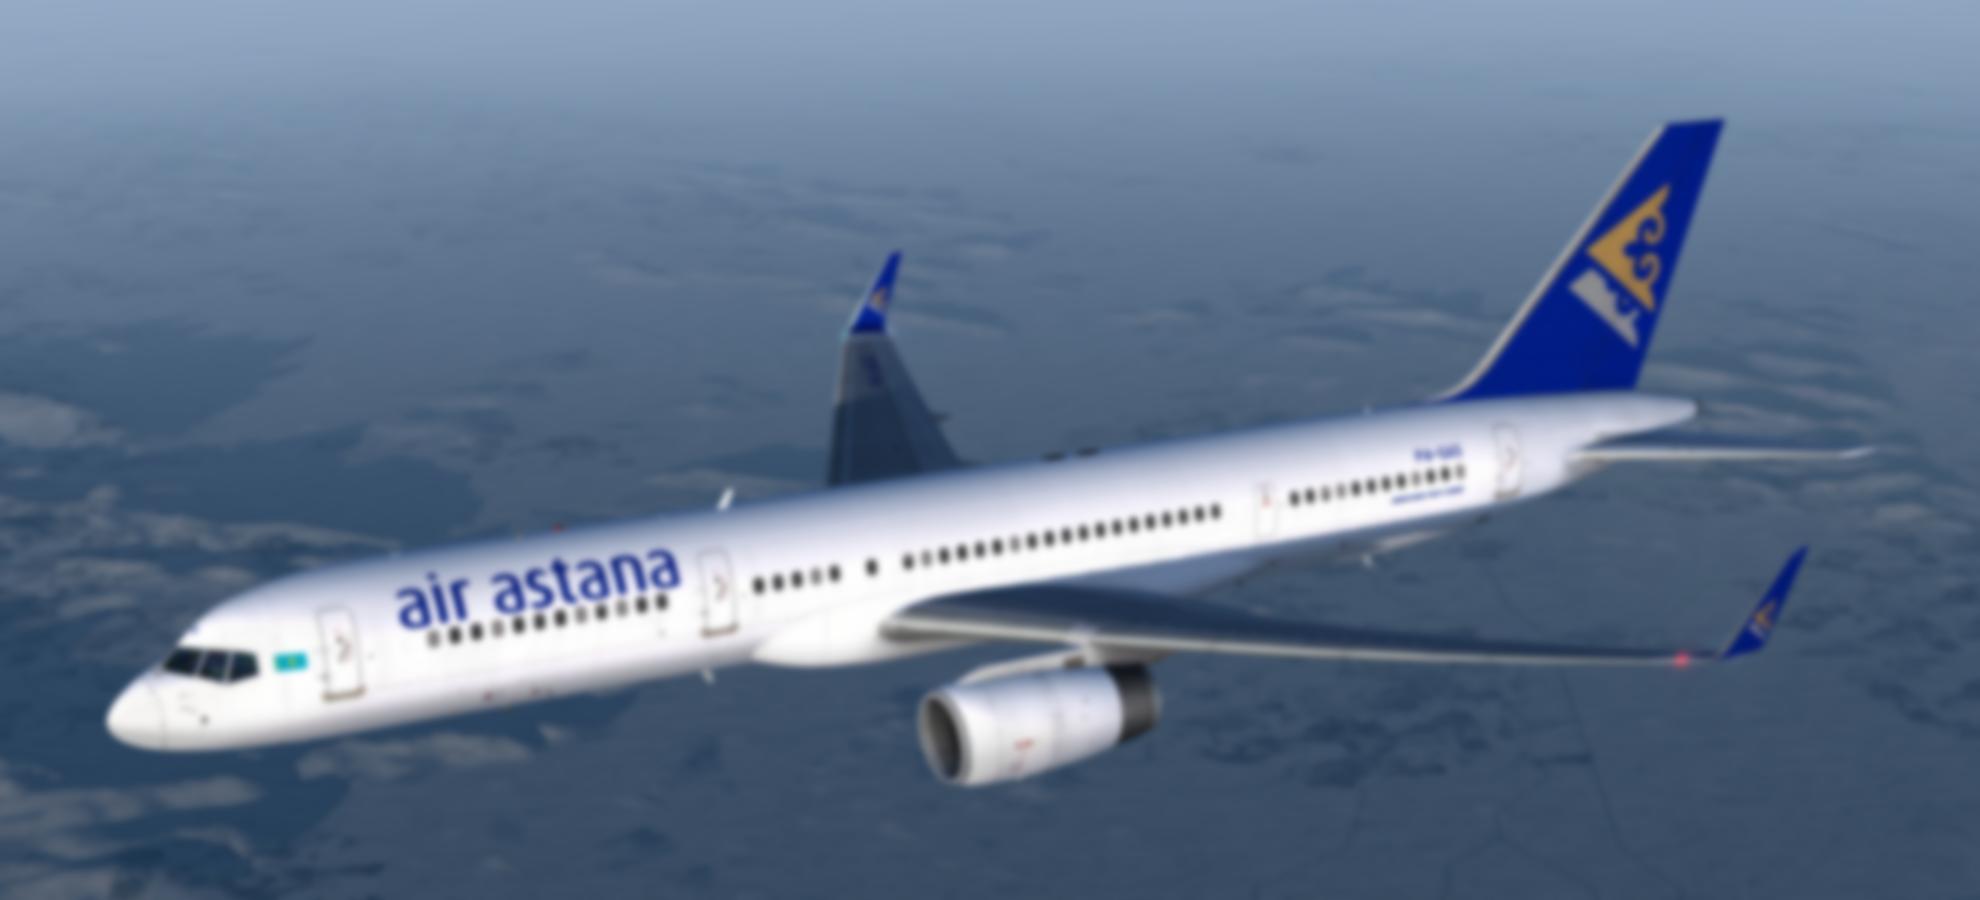 CaptainSim 757 -